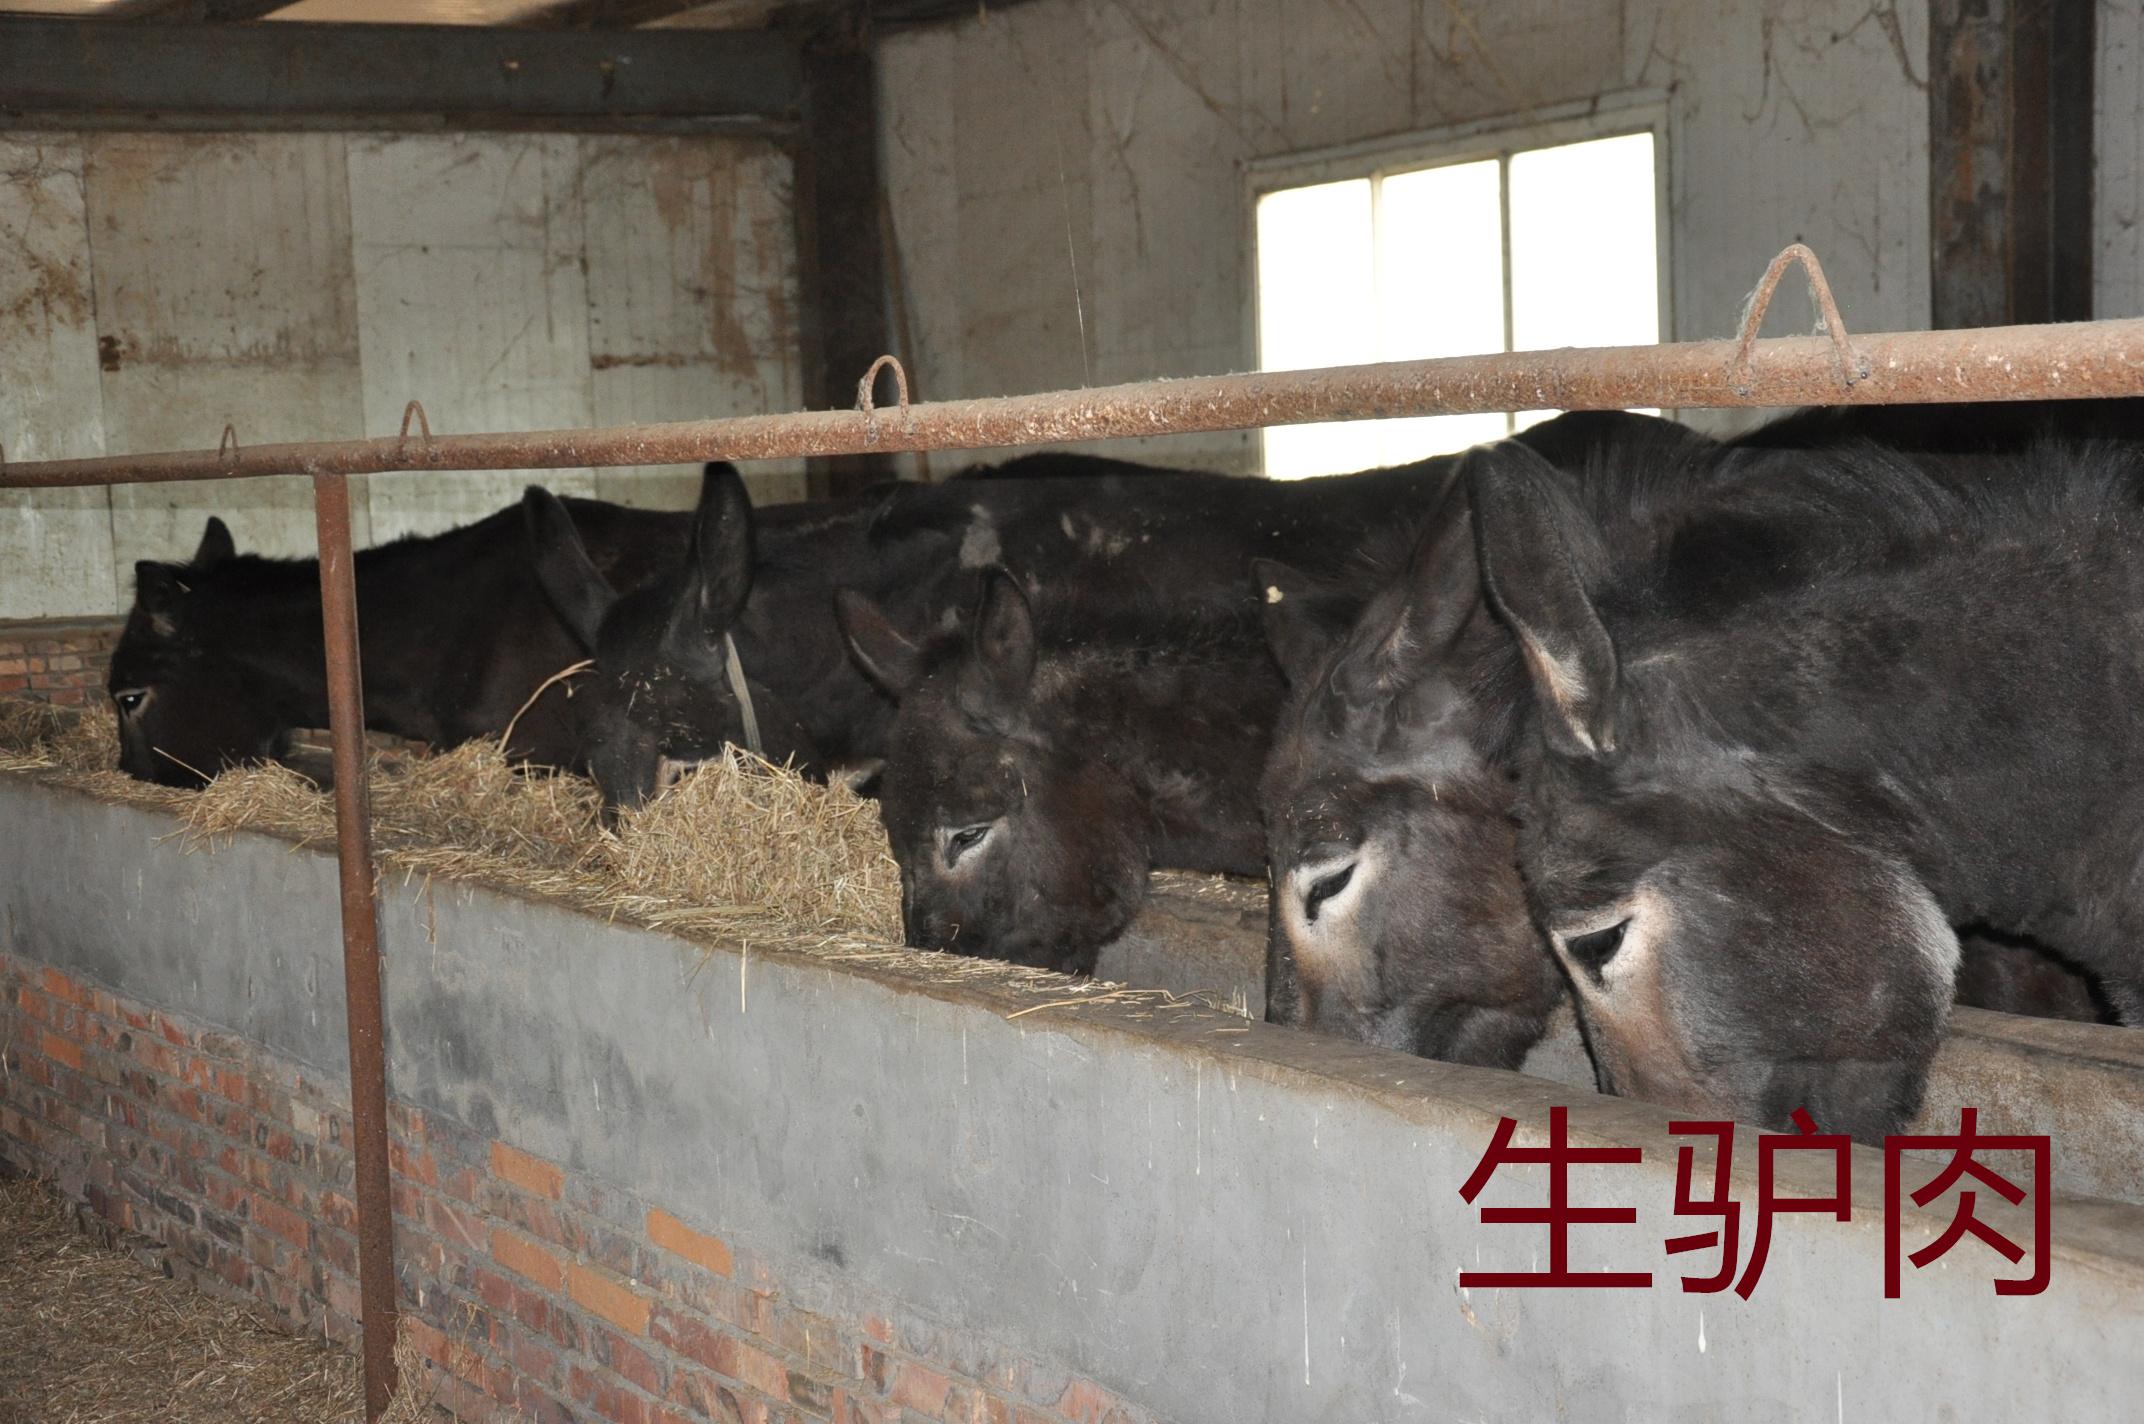 新鲜的生驴肉美味又营养,谁不爱呢?